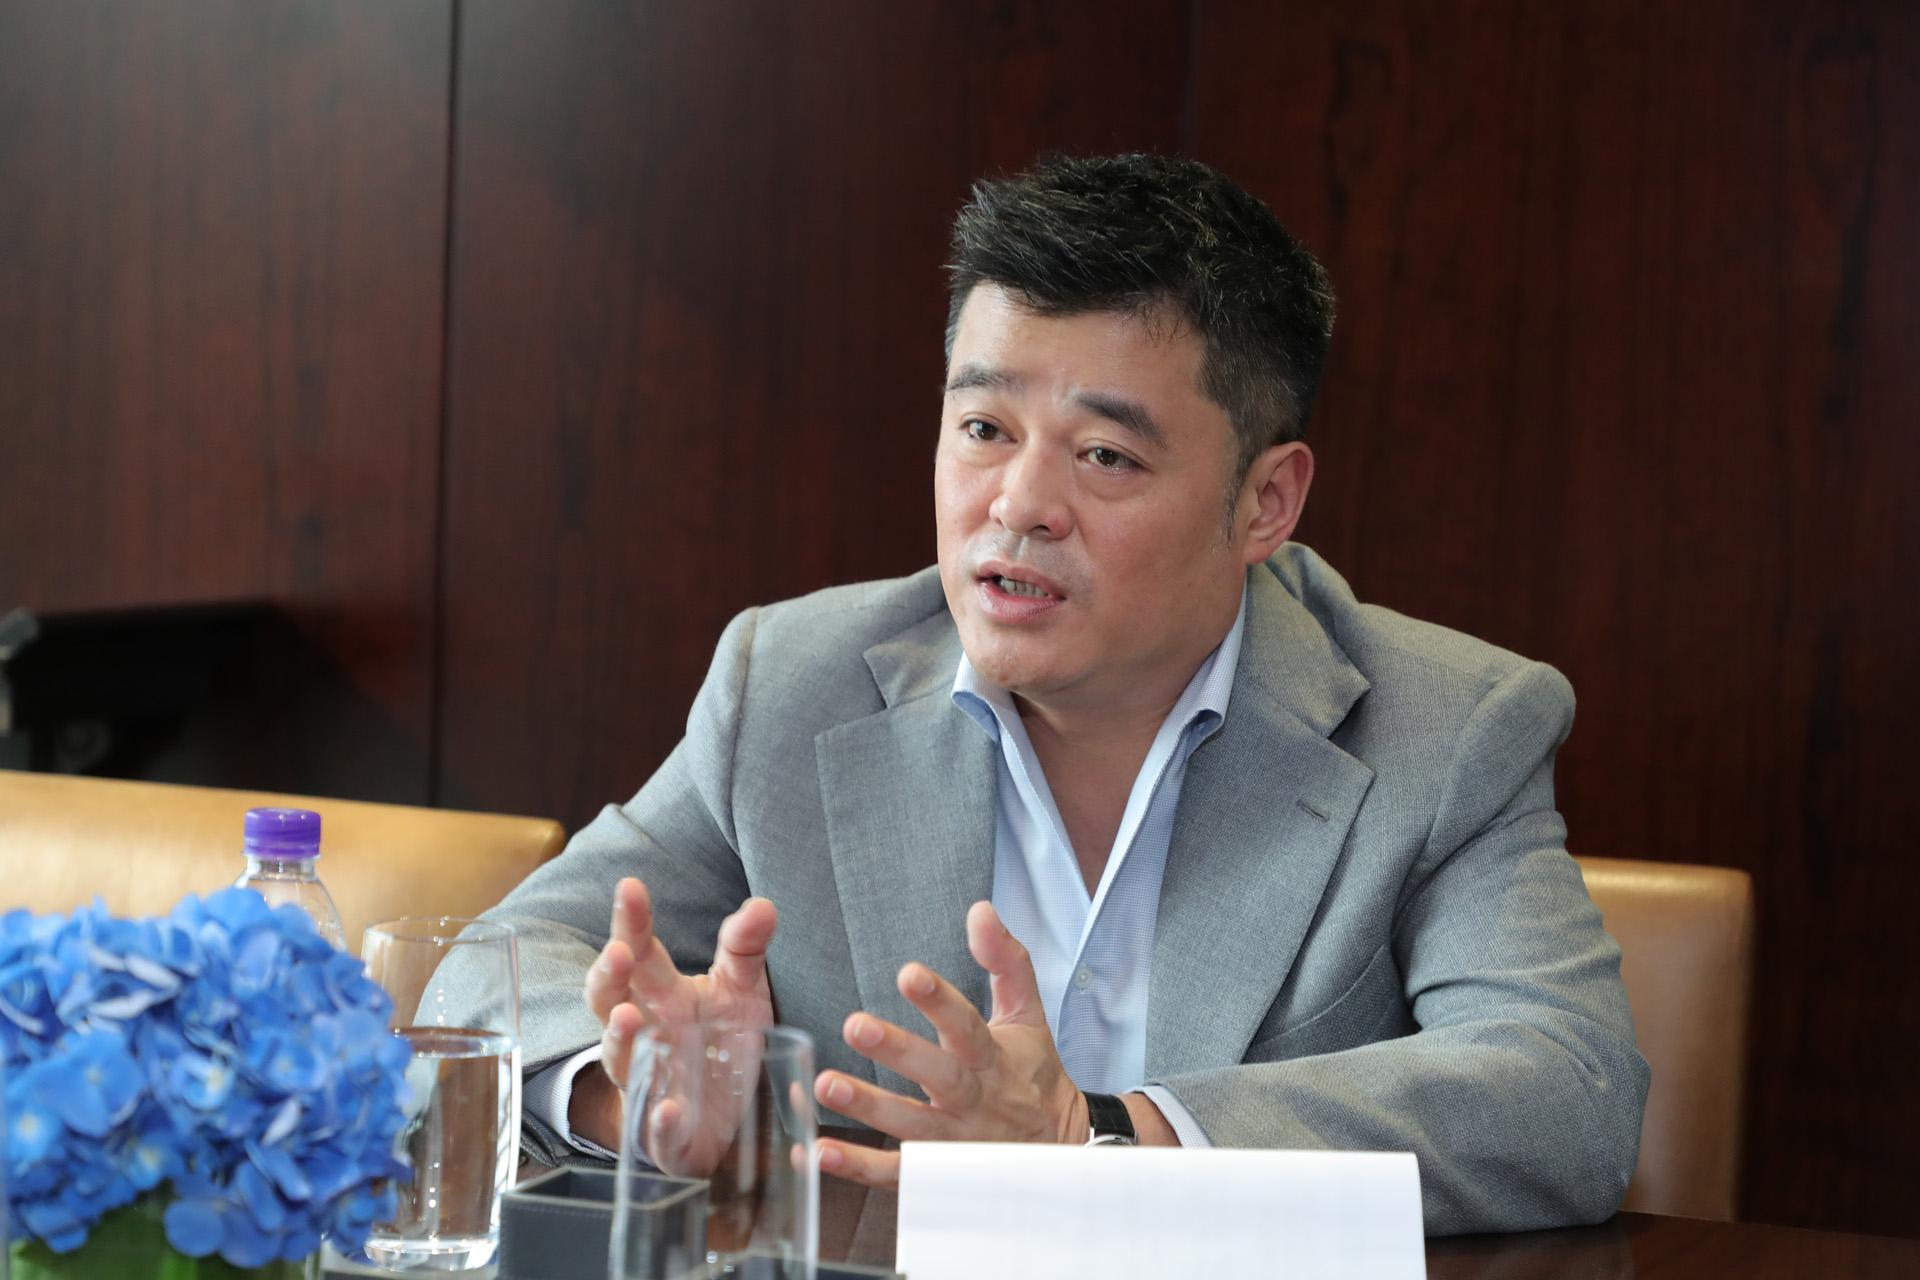 潘多拉的秘密都在这里了!PANDORA 中国董事总经理接受《华丽志》独家专访,细数一个80后珠宝品牌独特的成长历程